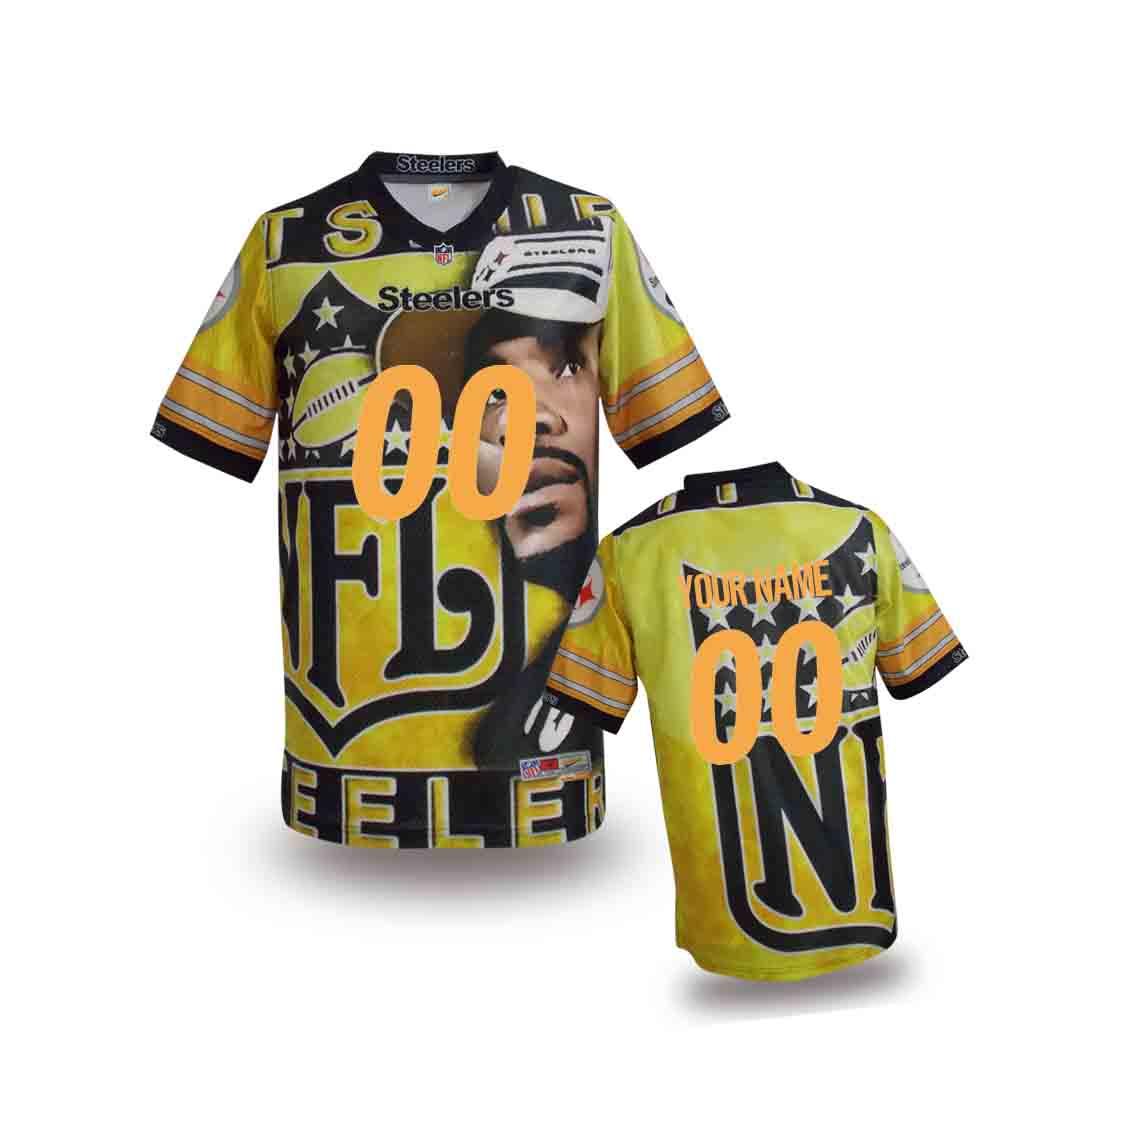 Nike Steelers Customized Fashion Stitched Youth Jerseys03